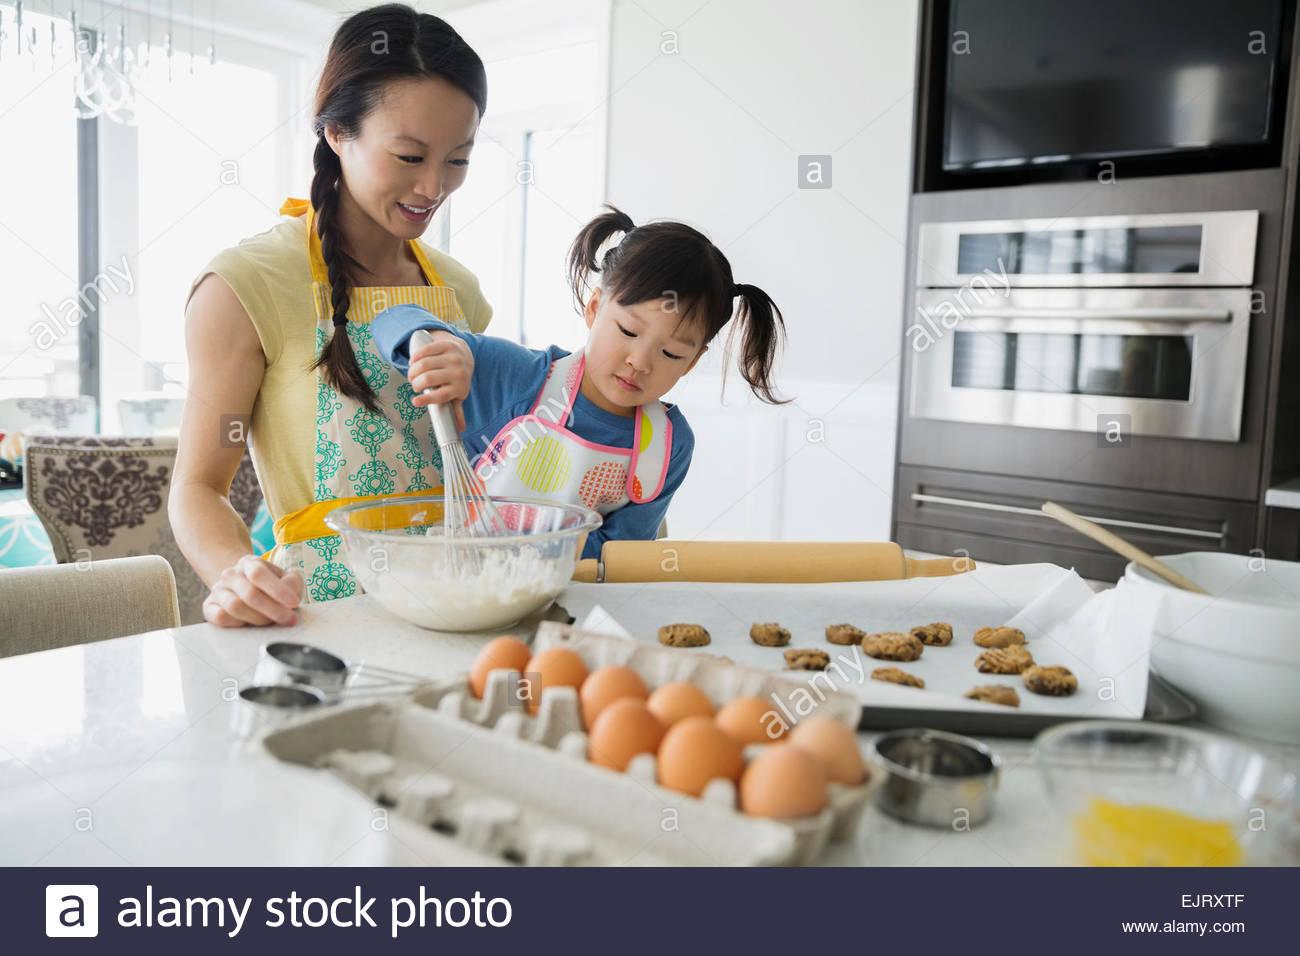 Mère et fille faire des biscuits dans la cuisine Photo Stock